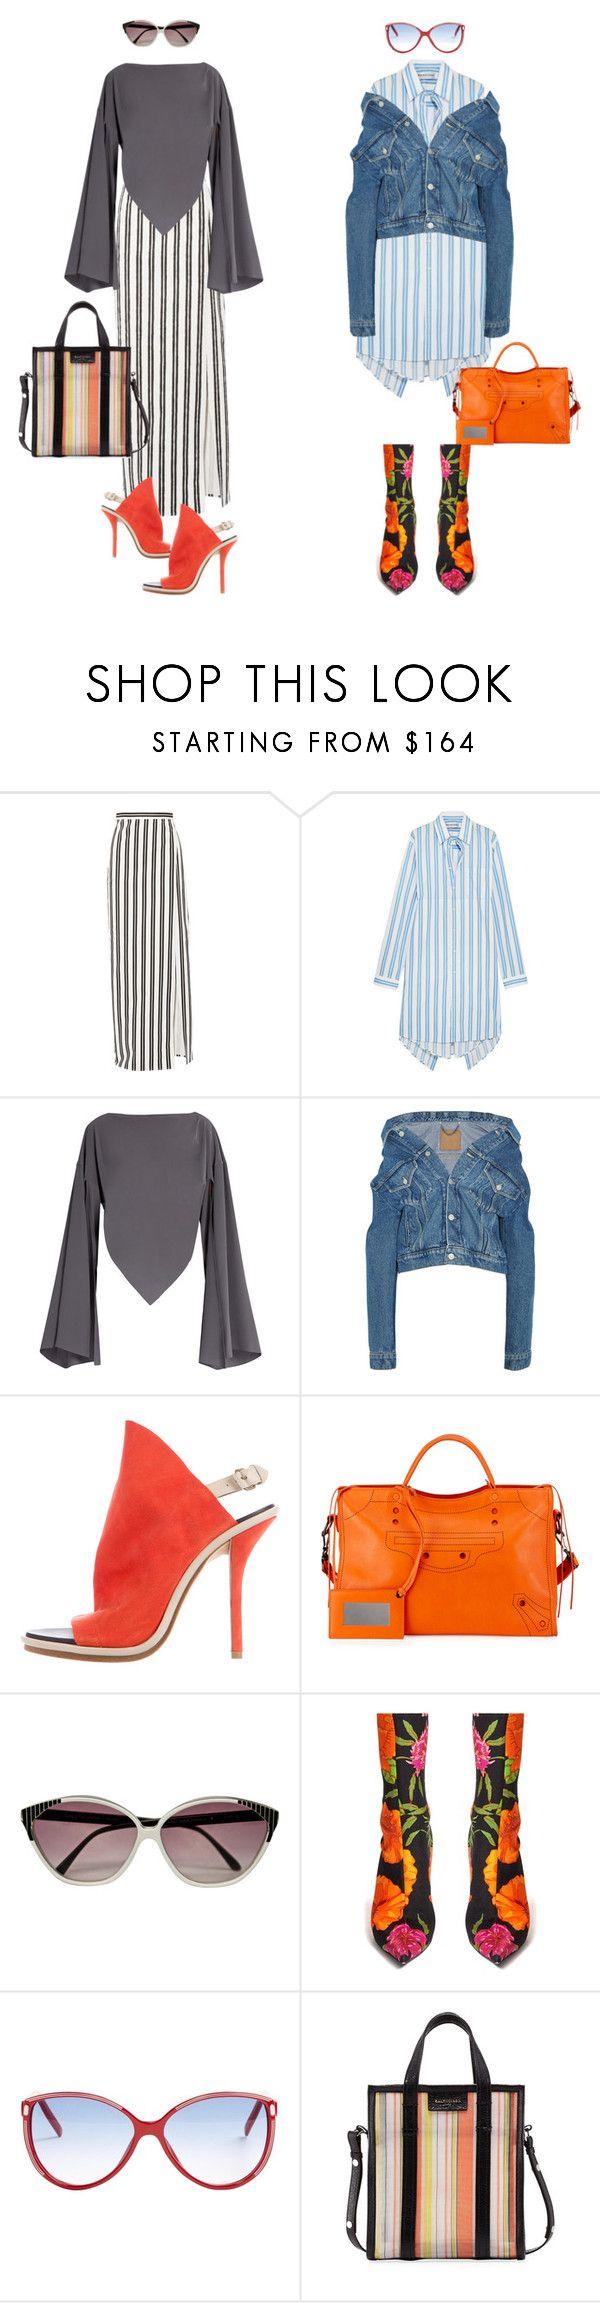 Total look - Balenciaga by repriza on Polyvore featuring мода and Balenciaga. Изысканный Баленсиага. Полоски и экстравагантная обувь. Очень городские образы в стиле casual.